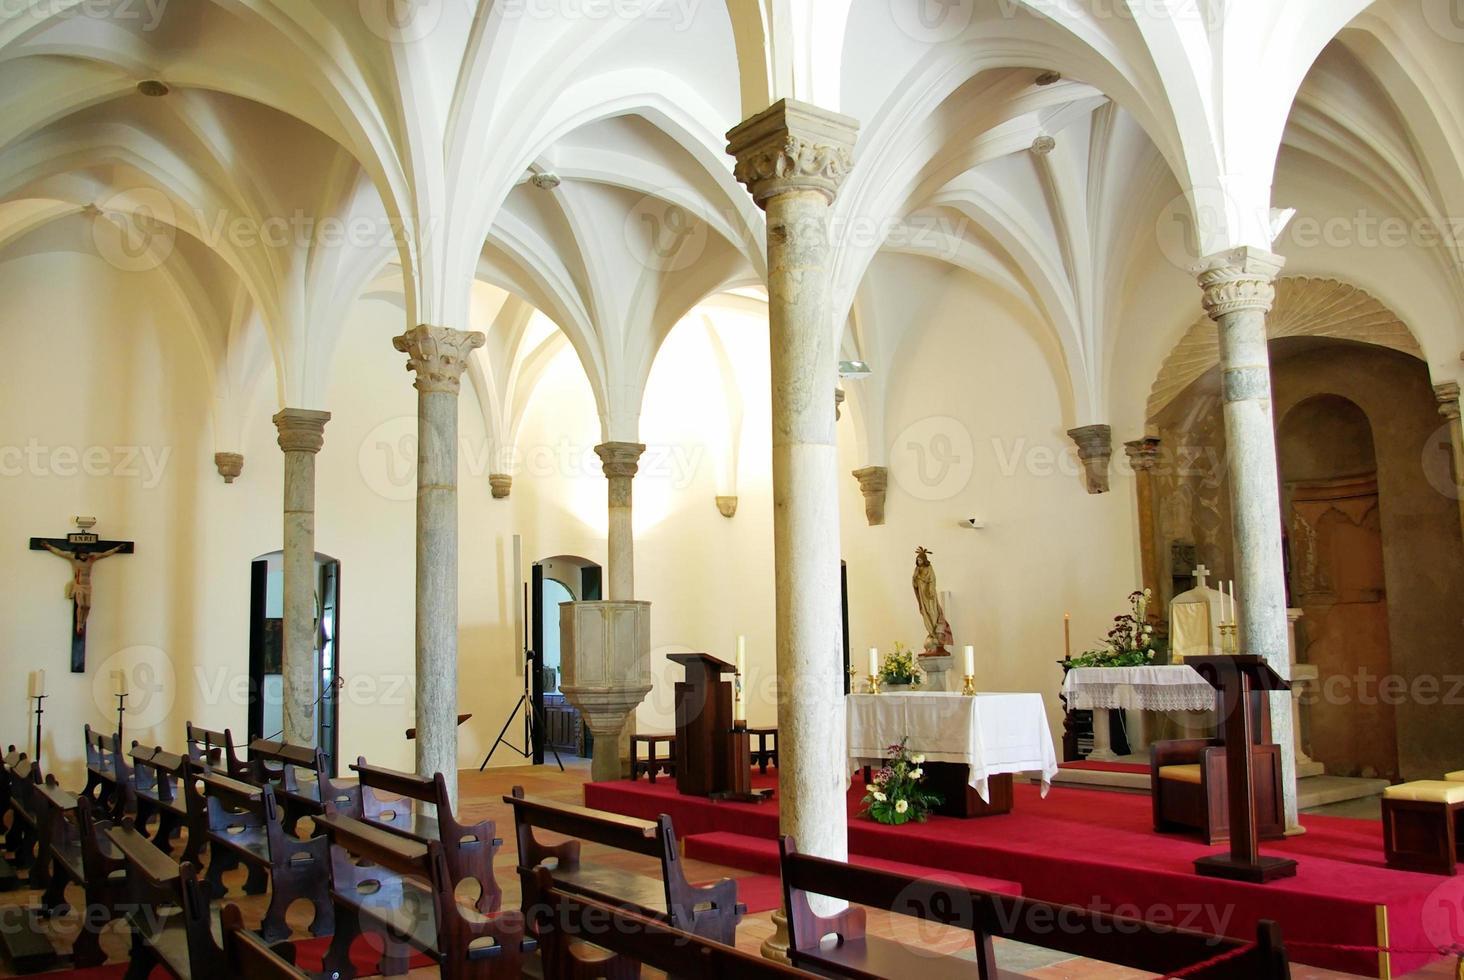 interno della chiesa di mertola, Portogallo. foto